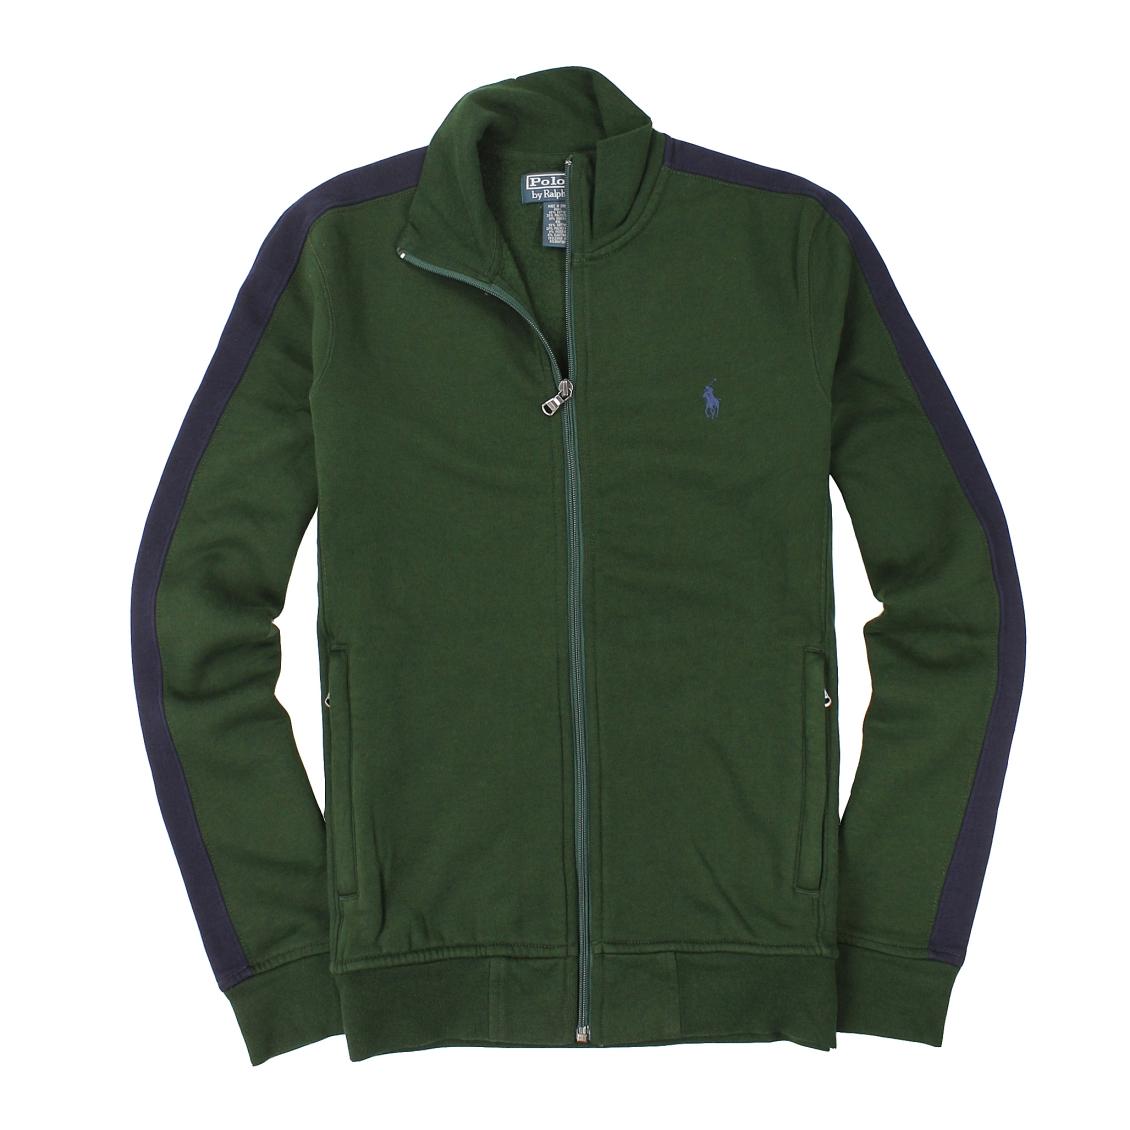 美國百分百【全新真品】Ralph Lauren 外套 RL 夾克 立領 Polo 小馬 綠色 立領 棉質 男衣 S號 A867